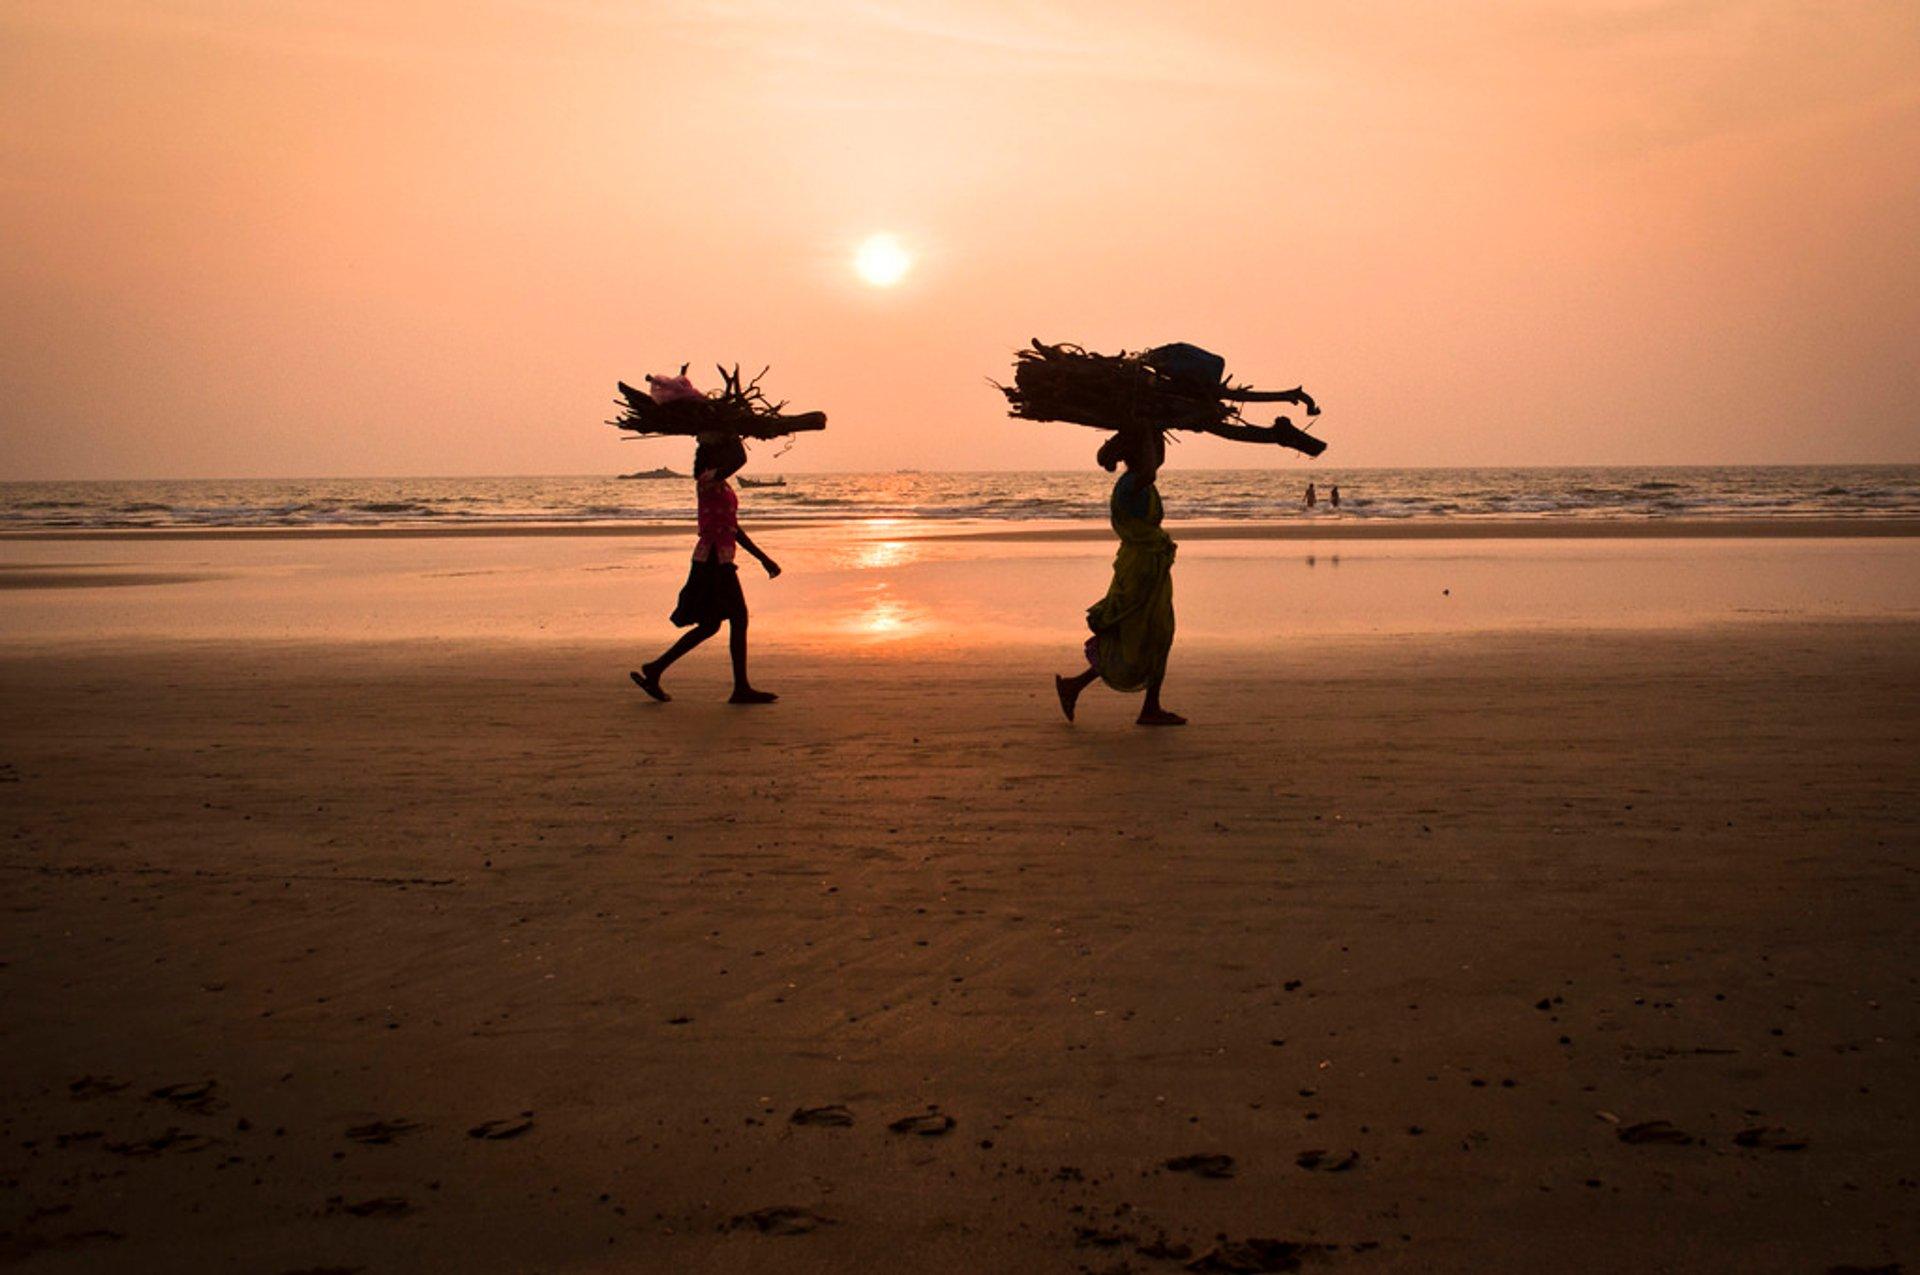 Kudle Beach, Gokarna, Karnataka 2019